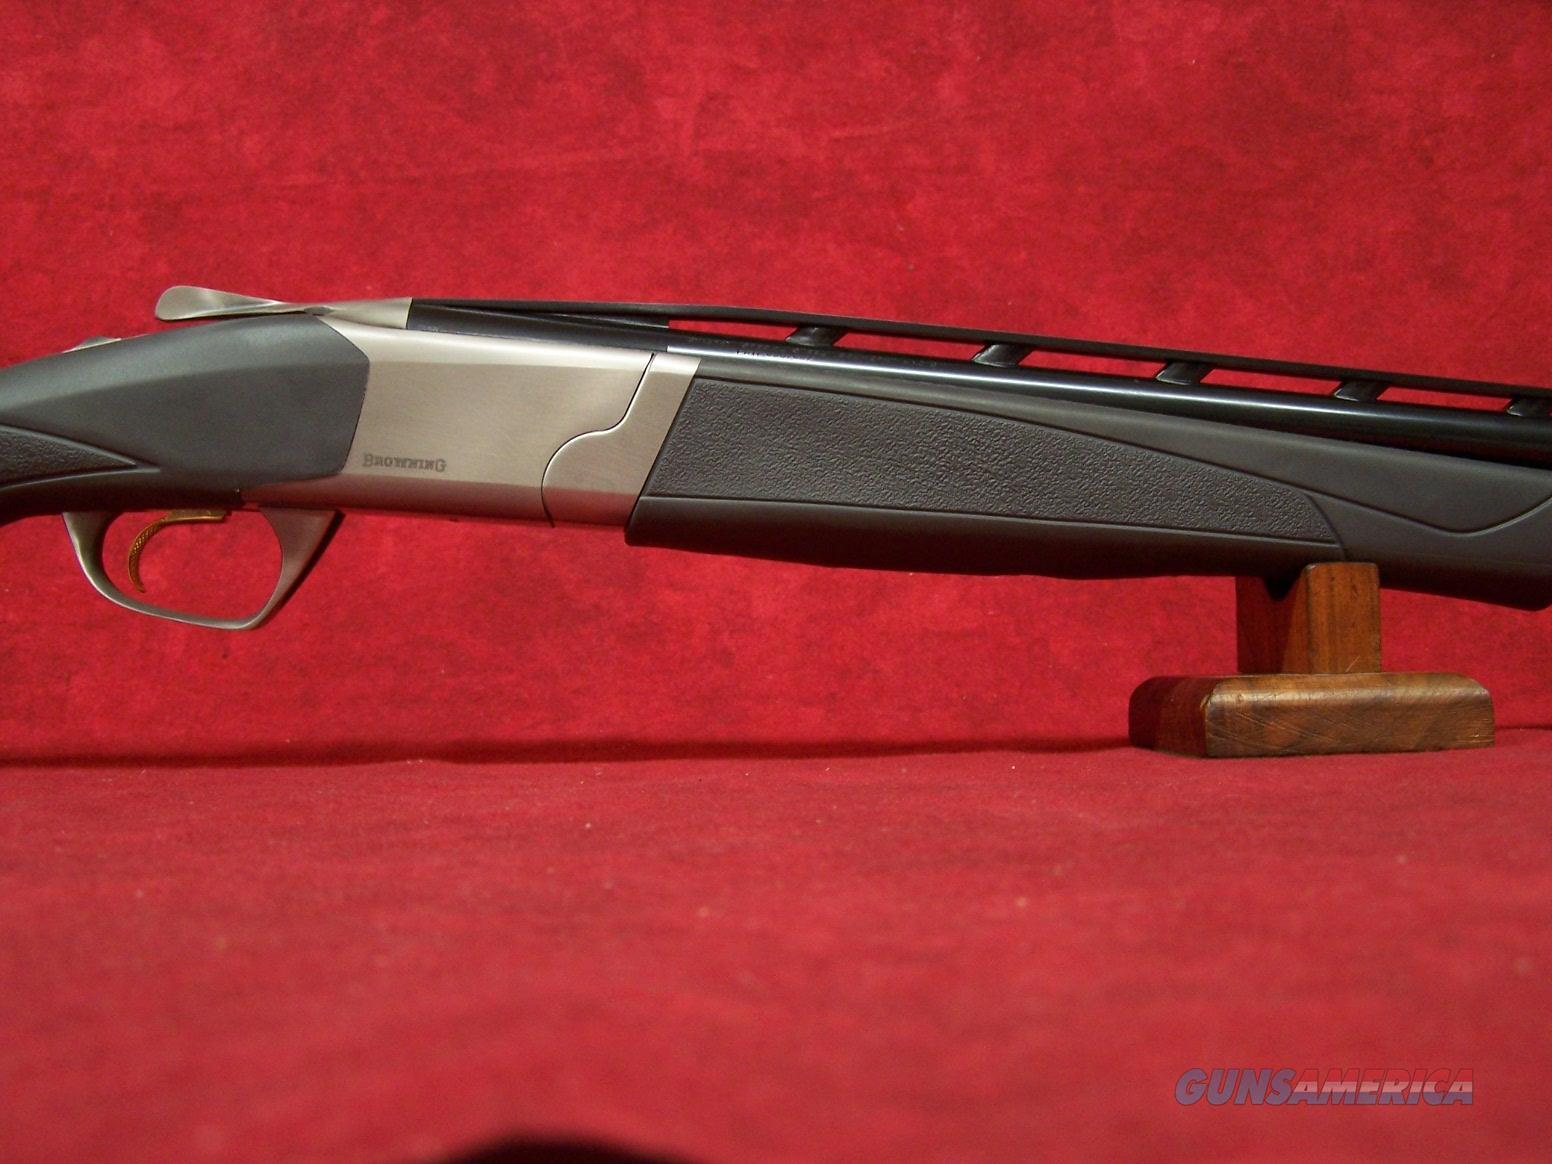 """Browning Cynergy CX Composite 12ga 3"""" Chamber 32"""" (018710302)  Guns > Shotguns > Browning Shotguns > Over Unders > Cynergy > Hunting"""